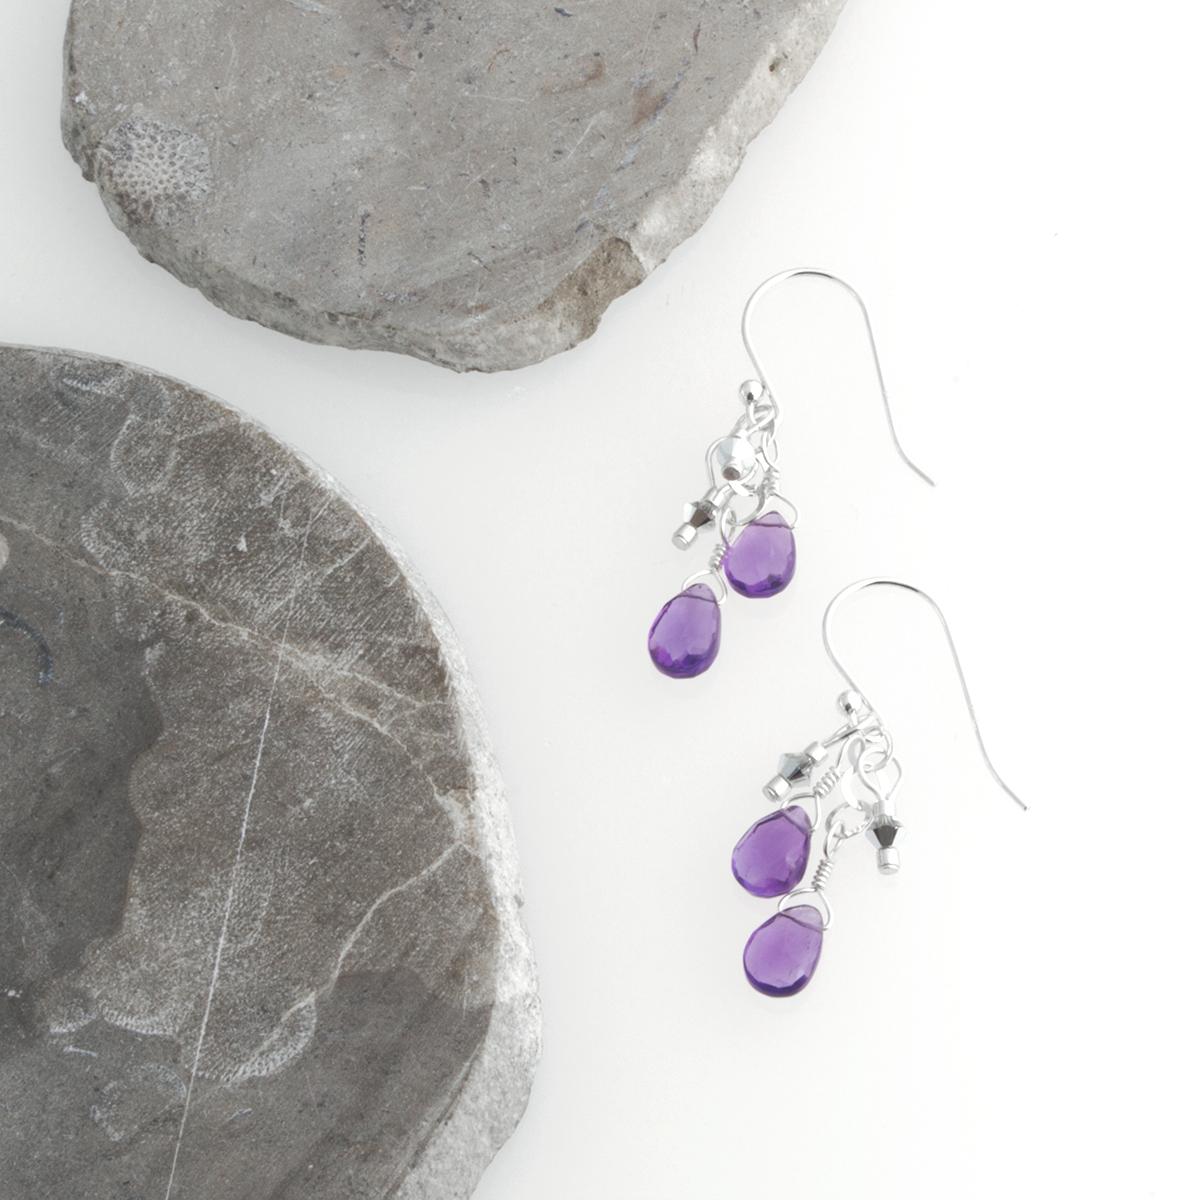 Amy's lovely double drop amethyst earrings.